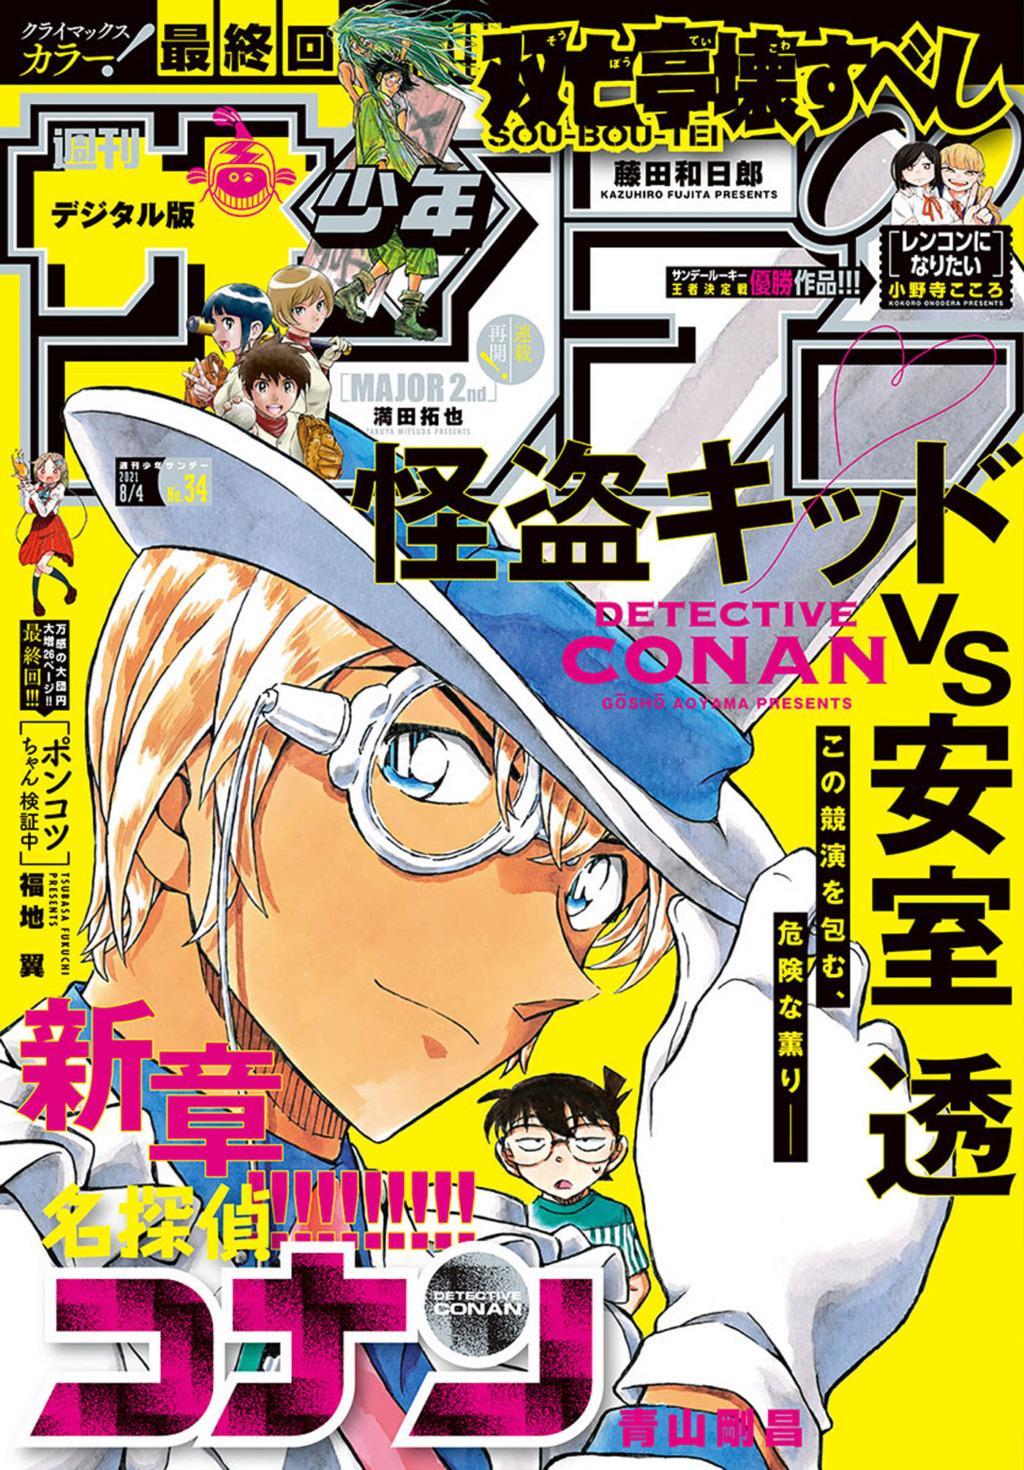 """Les couvertures """"Détective Conan"""" et """"Magic Kaito"""" du Weekly Shōnen Sunday et du Shōnen Sunday Super Bt000010"""